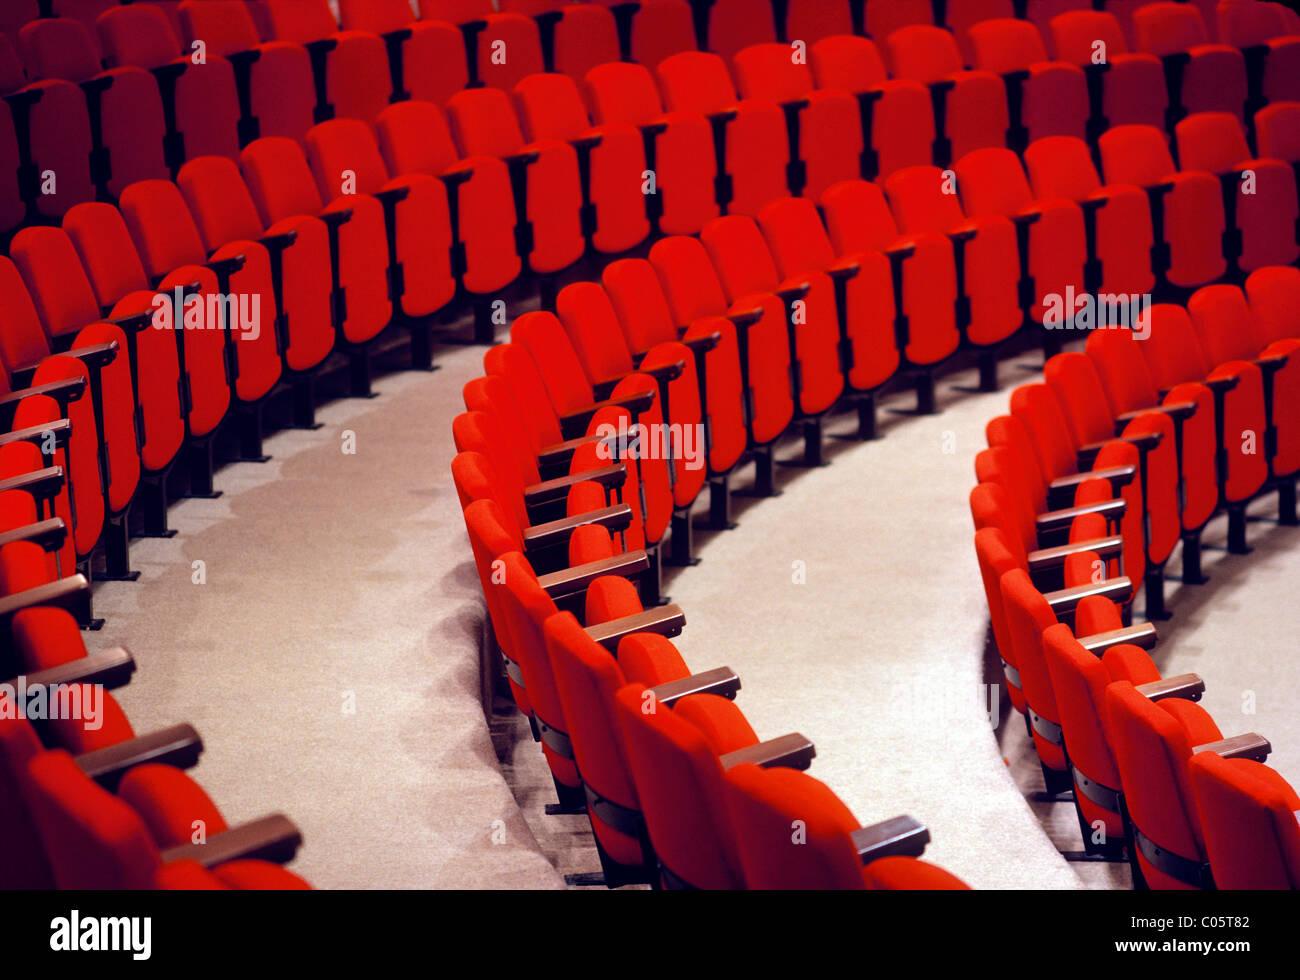 Hileras curvas de asientos rojos en un auditorio. Imagen De Stock